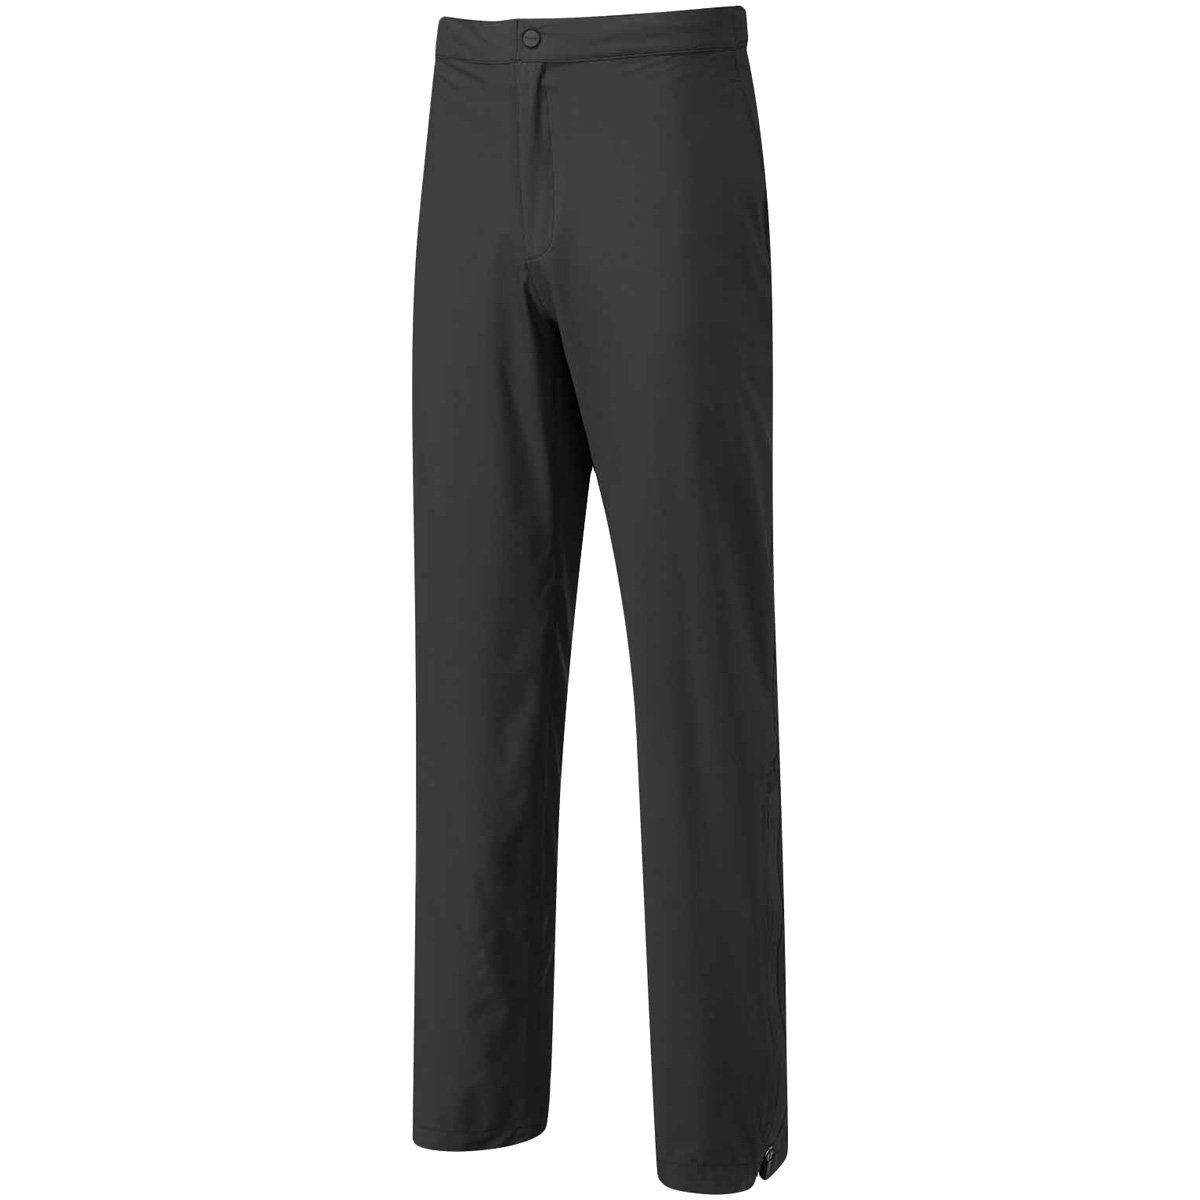 ピン PING ロングパンツ ストレッチ ゼロ グラビティー ツアー パンツ ブラック XL29   B07T1D2CYN